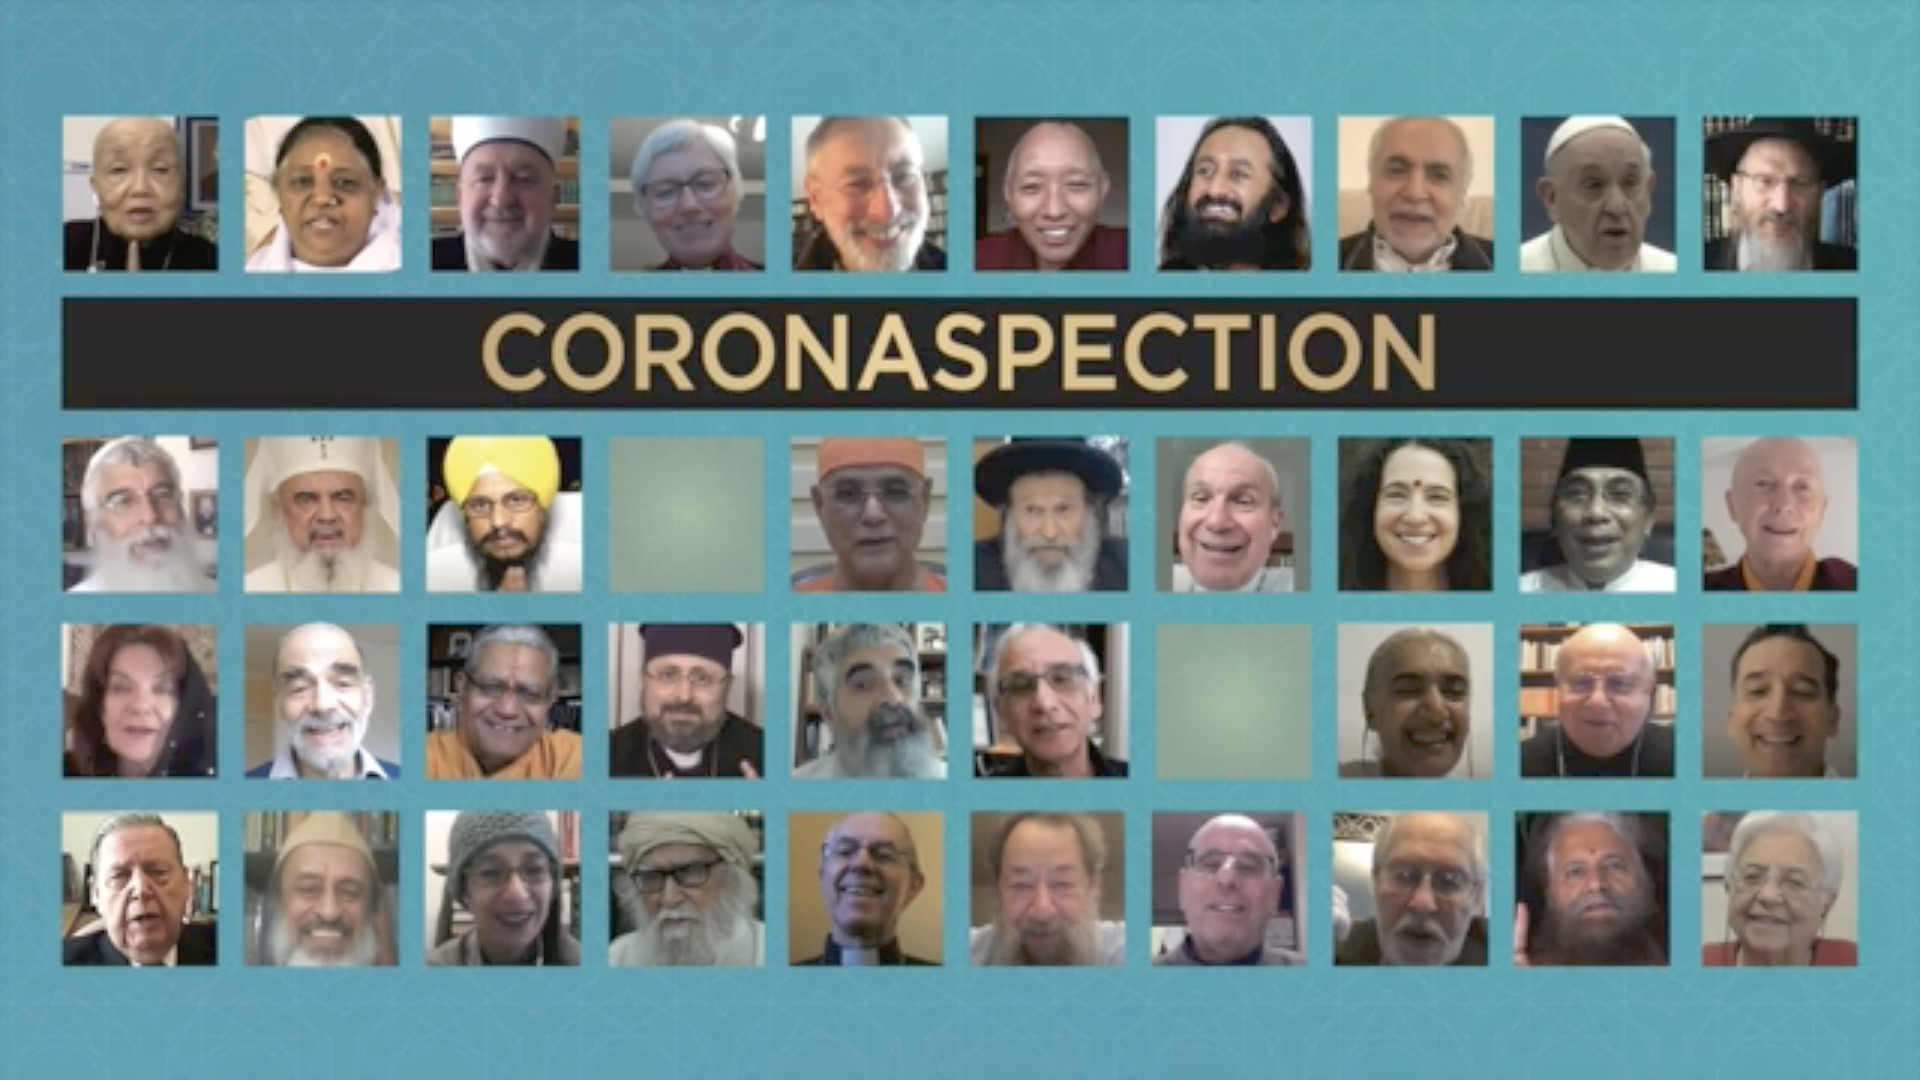 Coronaspection, capture @ YouTube